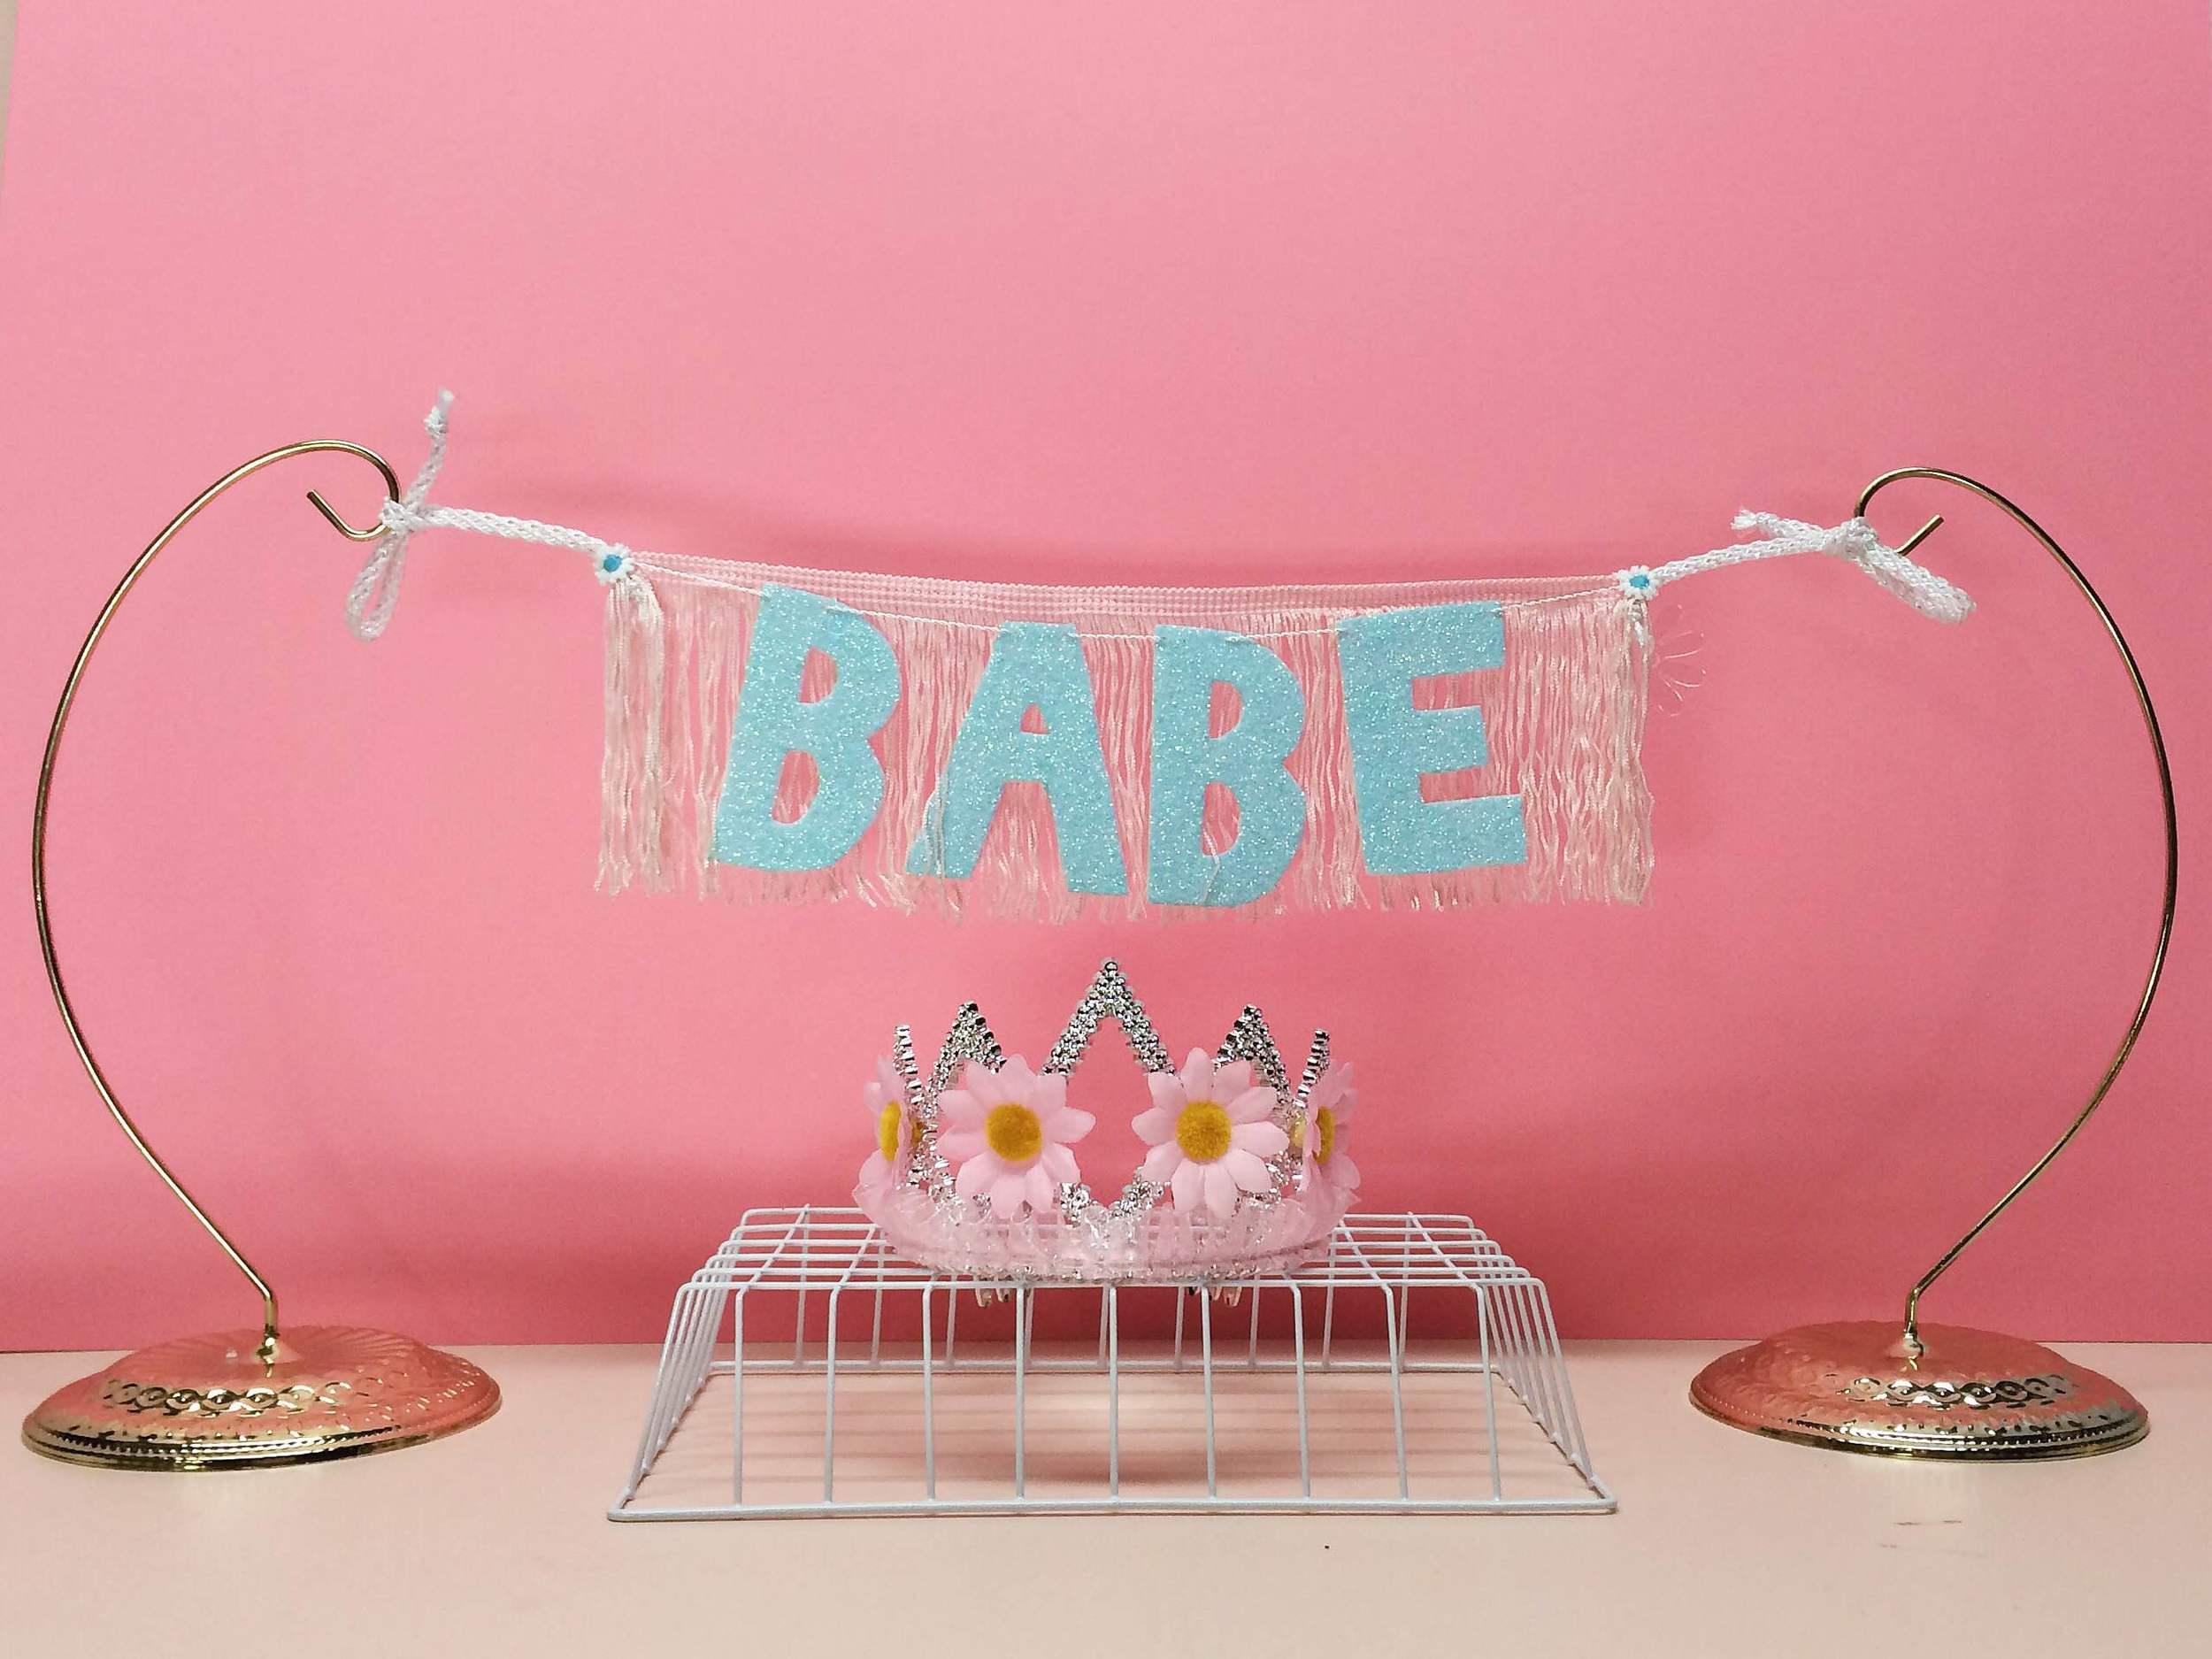 babe1